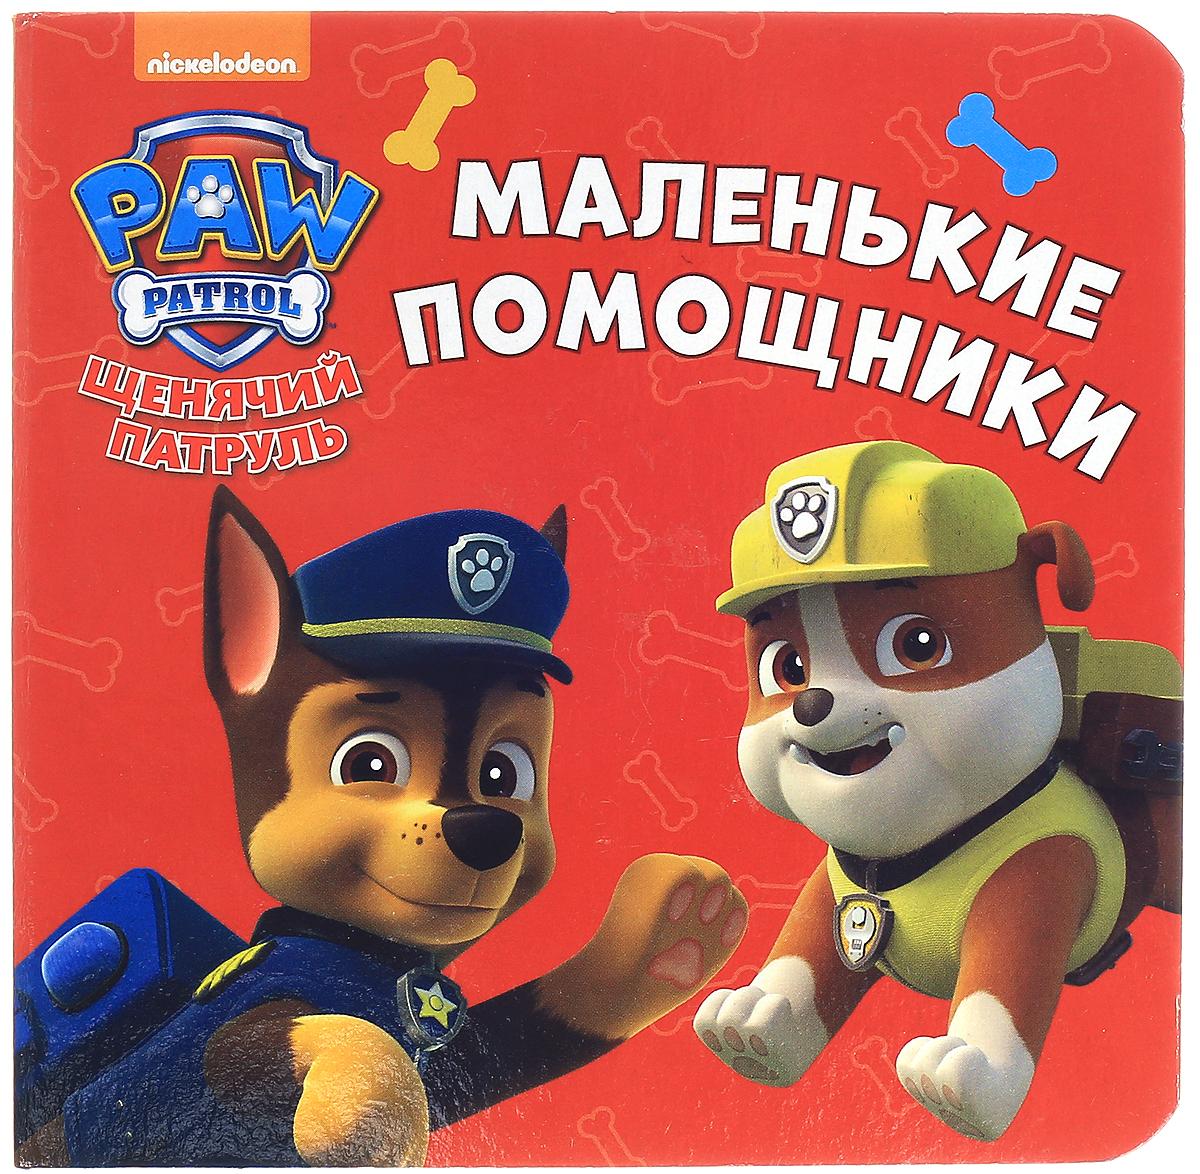 Щенячий патруль. Маленькие помошники щенячий патруль кф 1804 книжка фейерверк